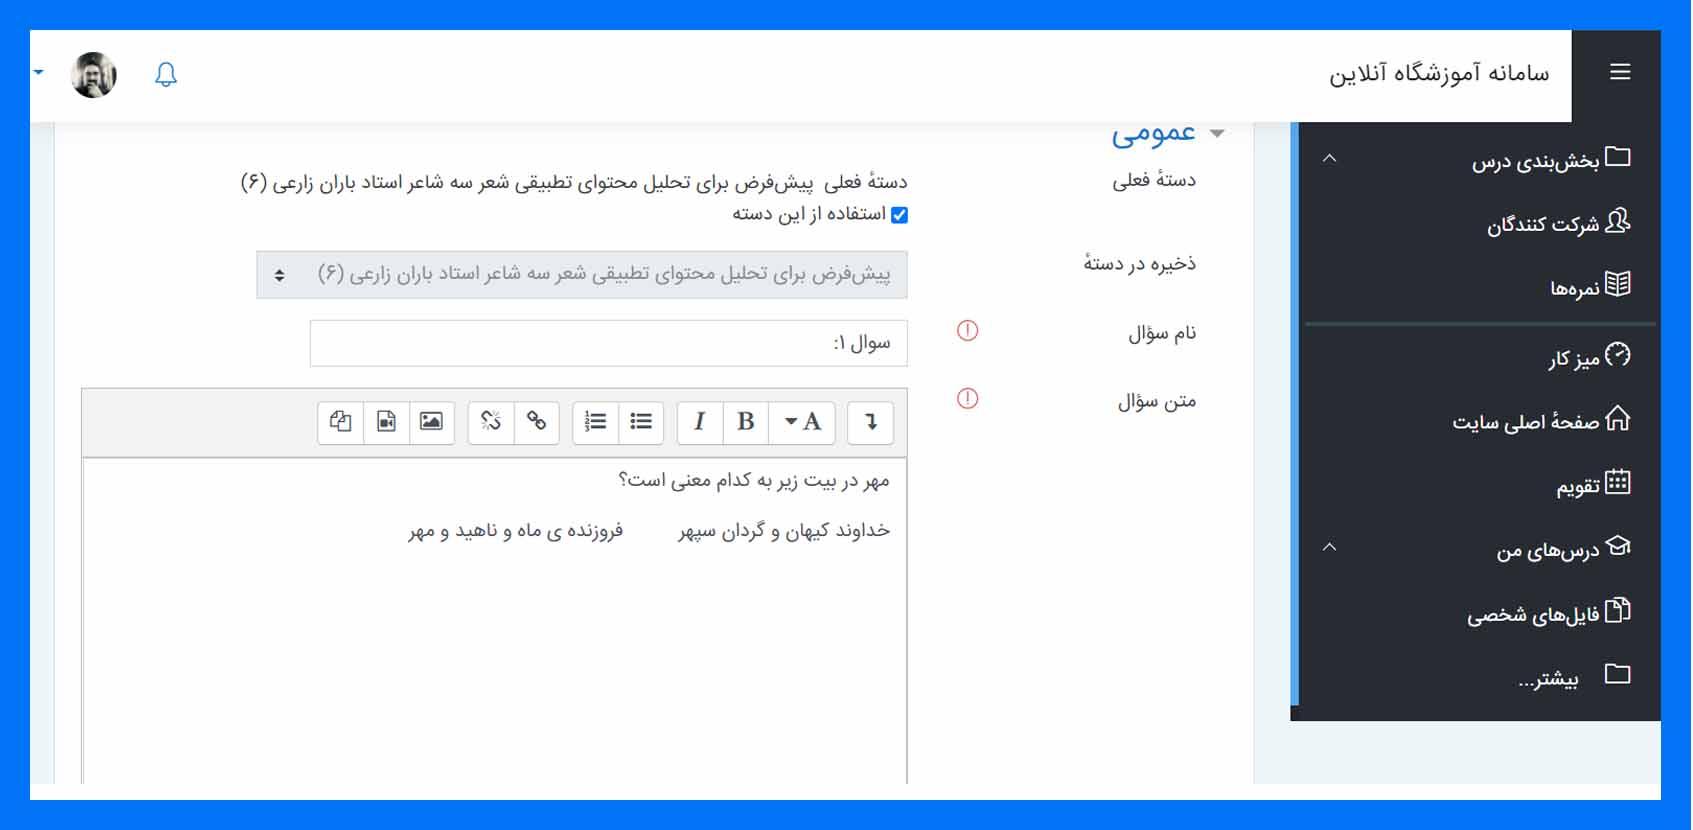 آموزش ساختن آزمون آنلاین چند گزینه ای در سامانه آموزش مجازی یک کلاس